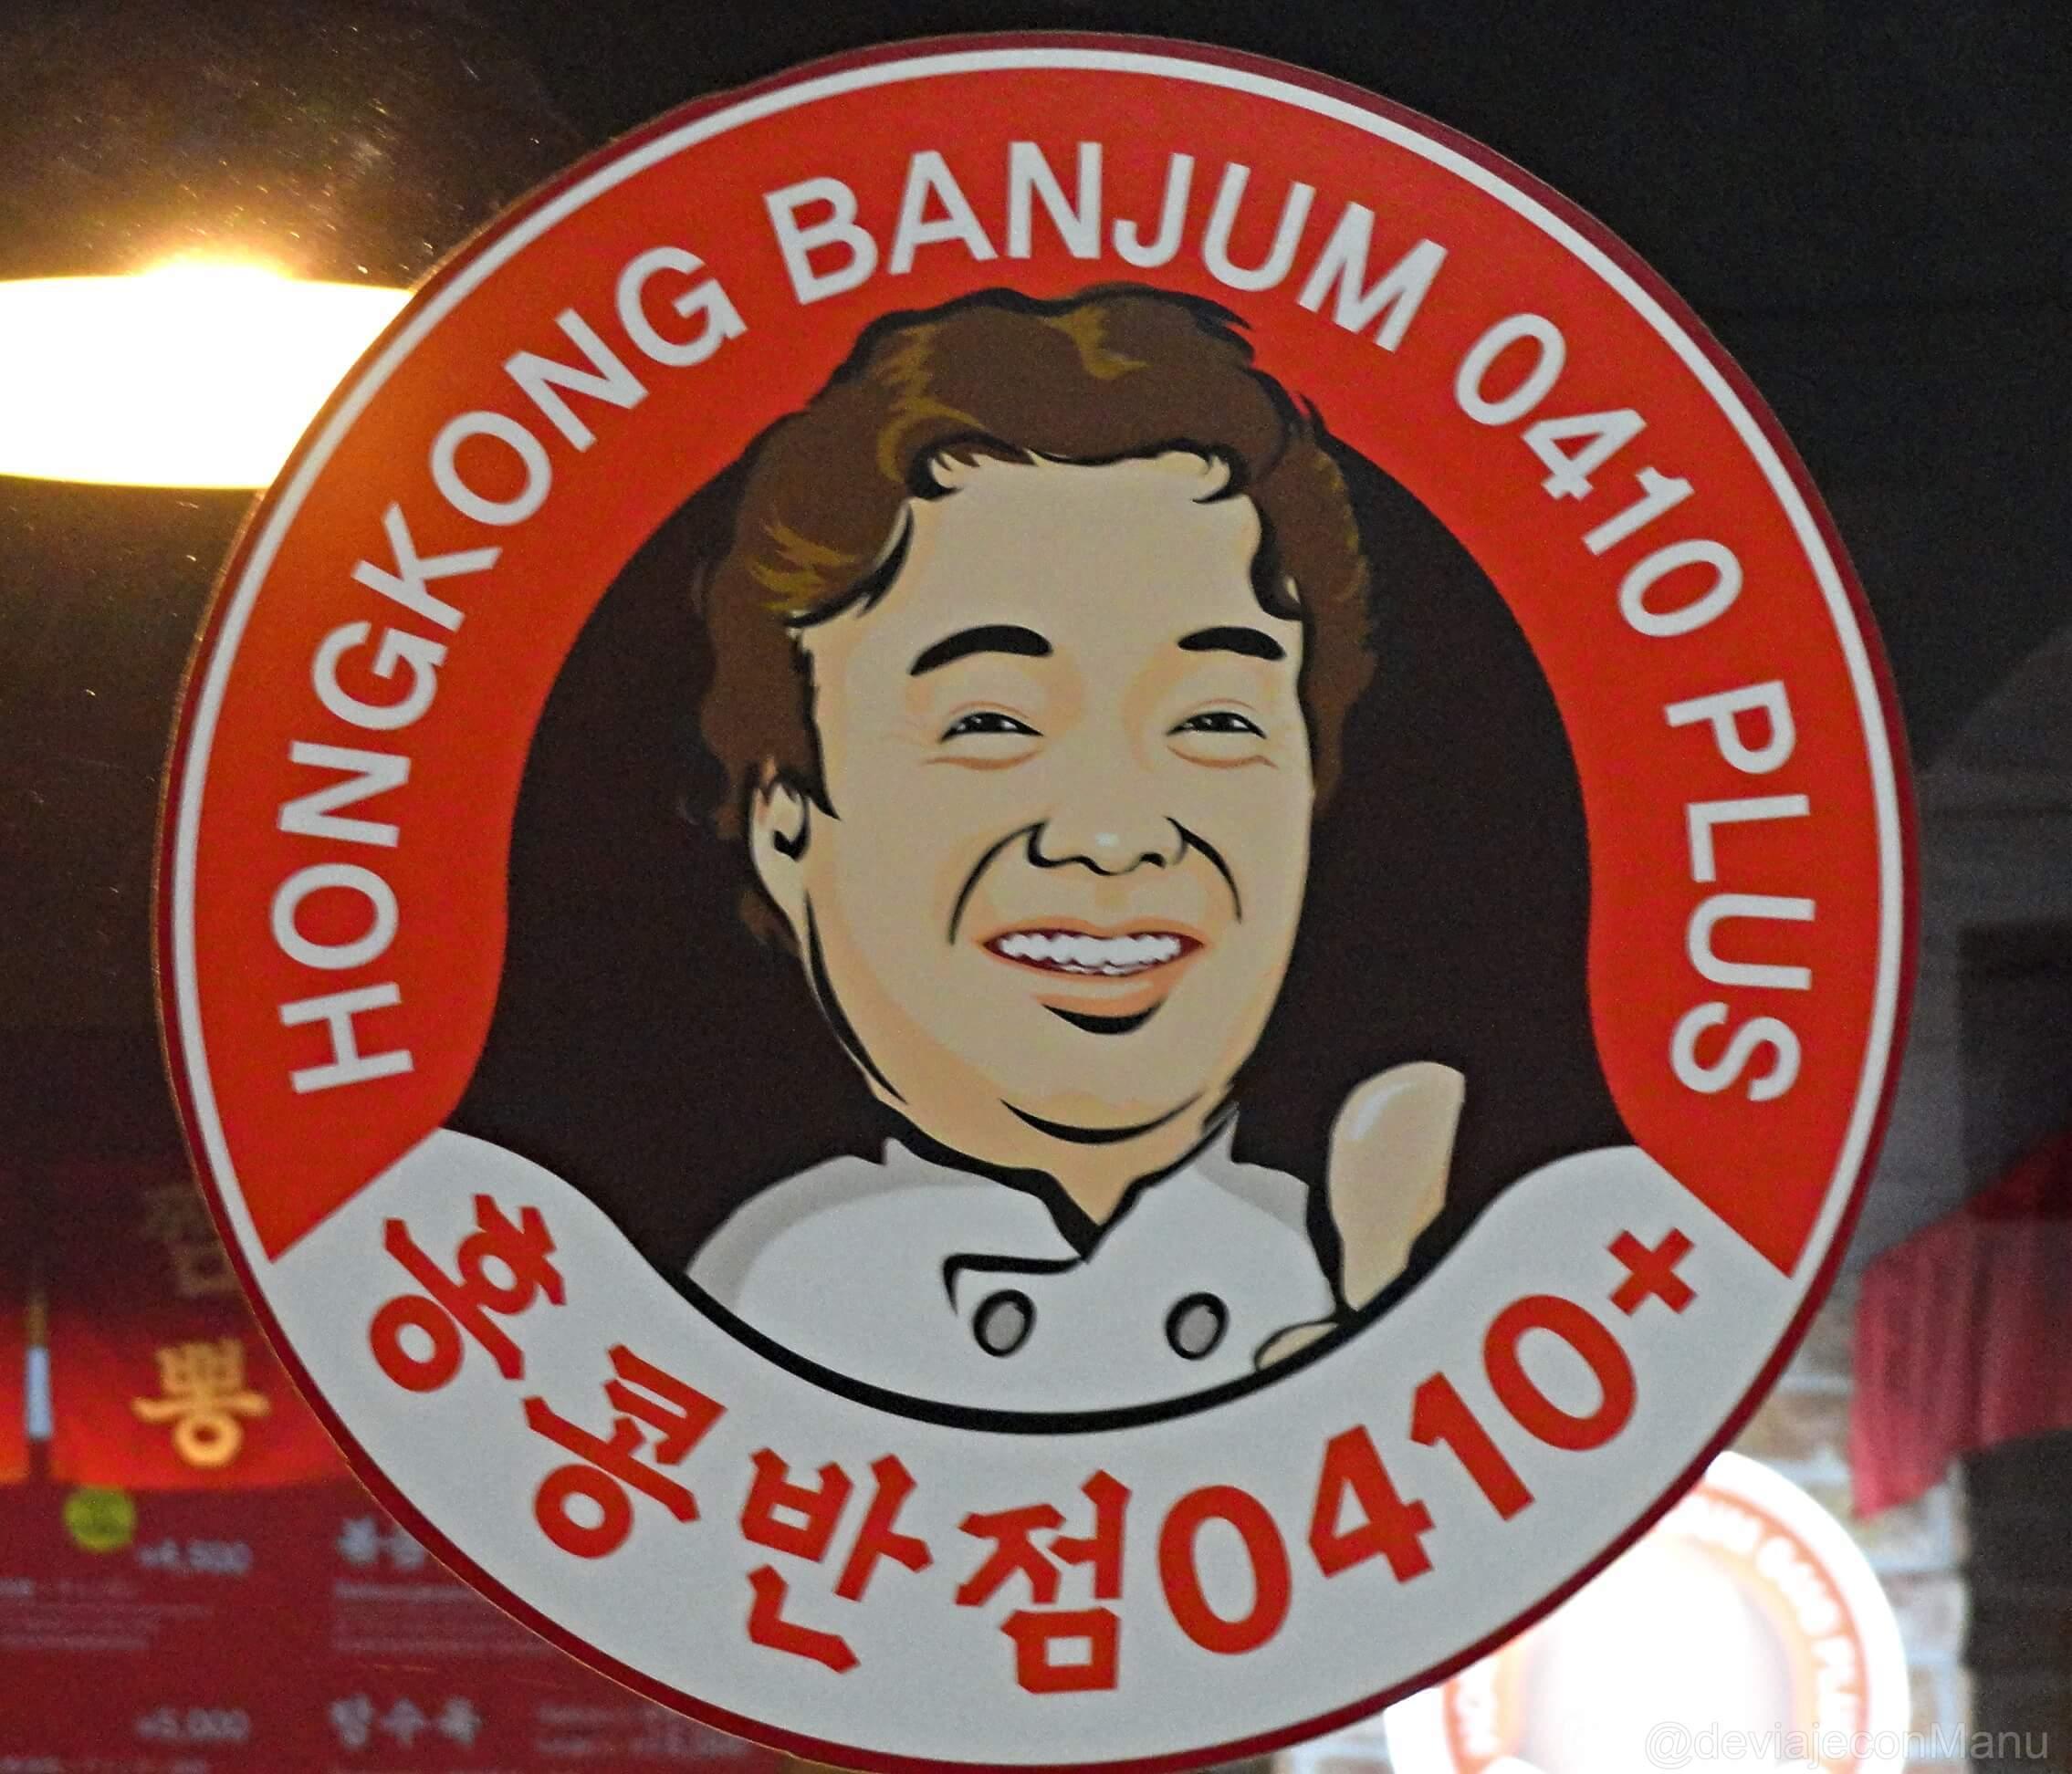 HongKong Banjum 0410